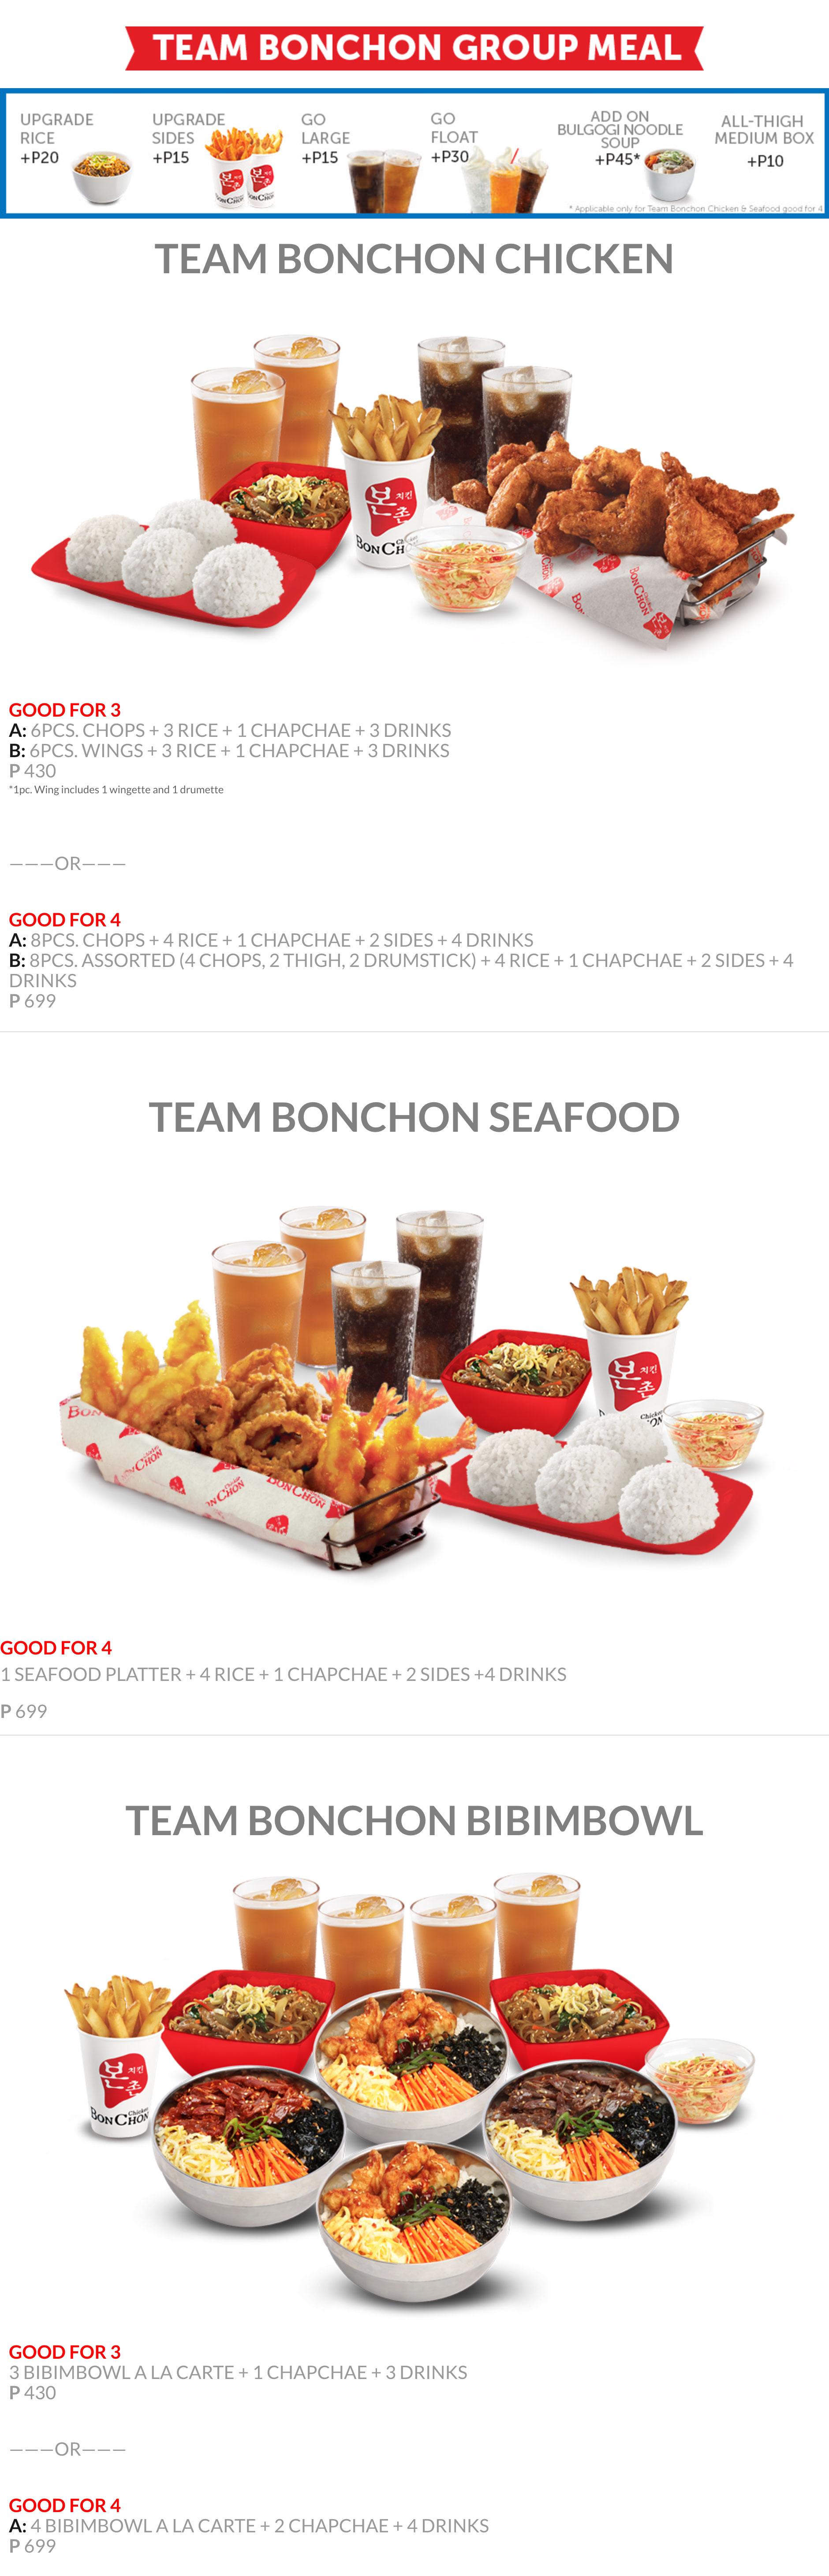 Bonchon Team Bonchon Menu